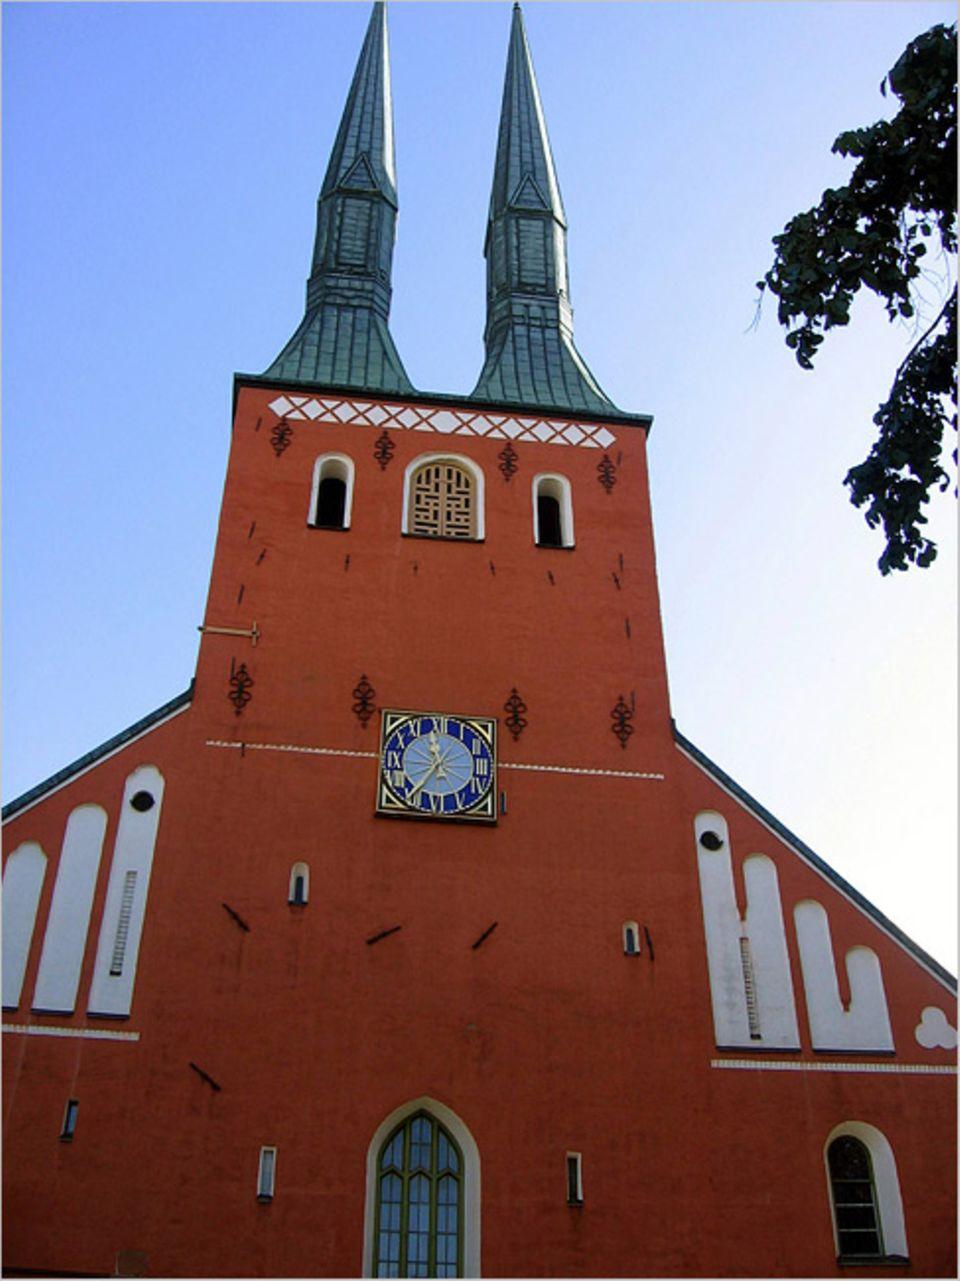 Reisen per Buch: Die markante Kirche von Växjö erblickt Stina Foss schon kurz nach ihrer Ankunft in Schweden